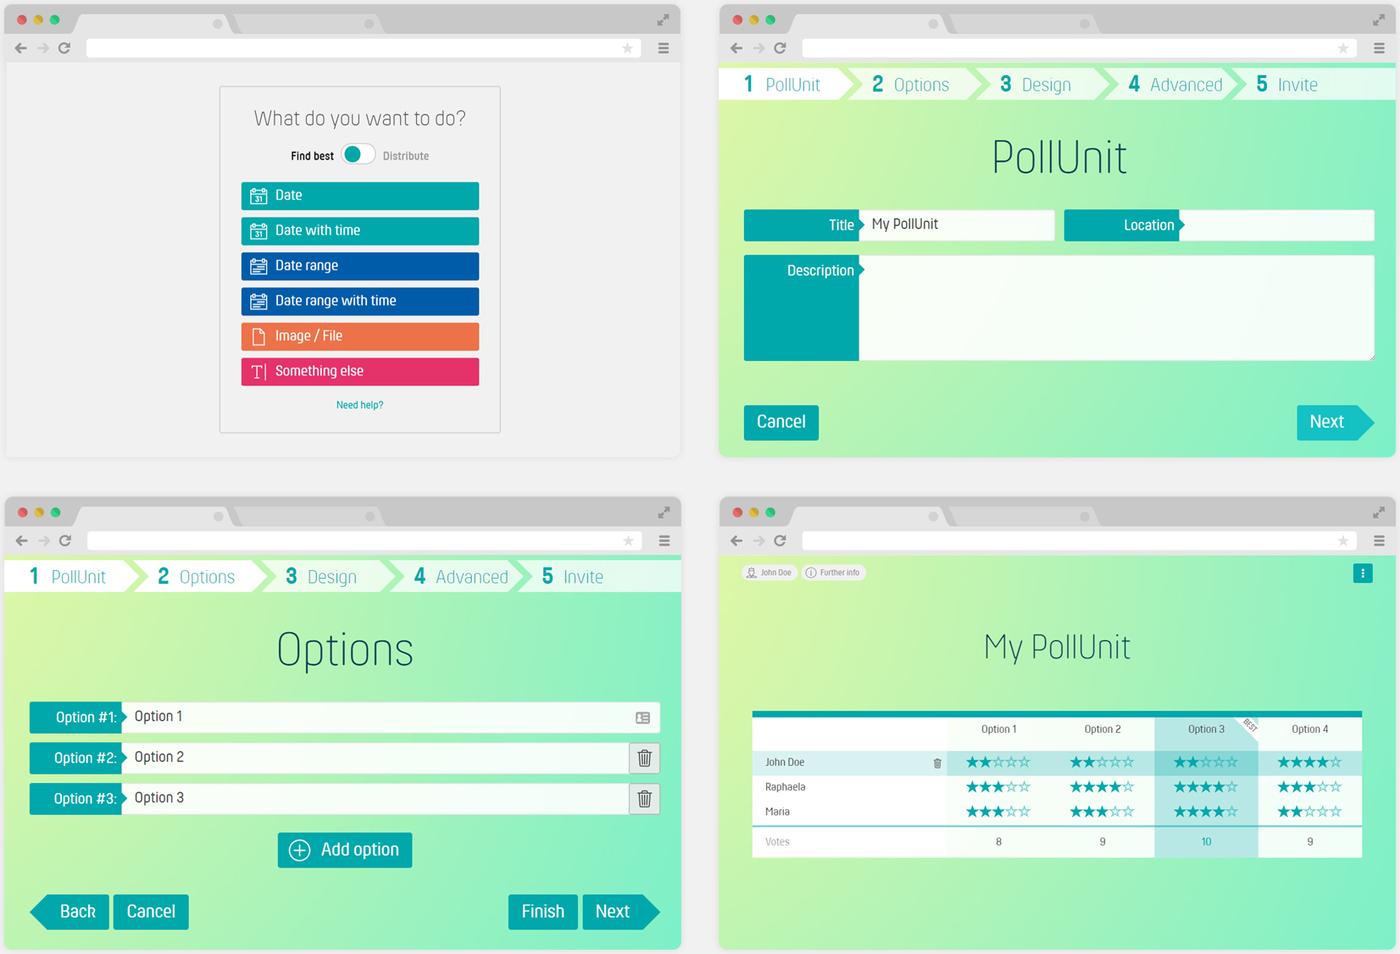 Wie Kann Ich Eine Online Umfrage Kostenlos Und Ohne Anmeldung Erstellen